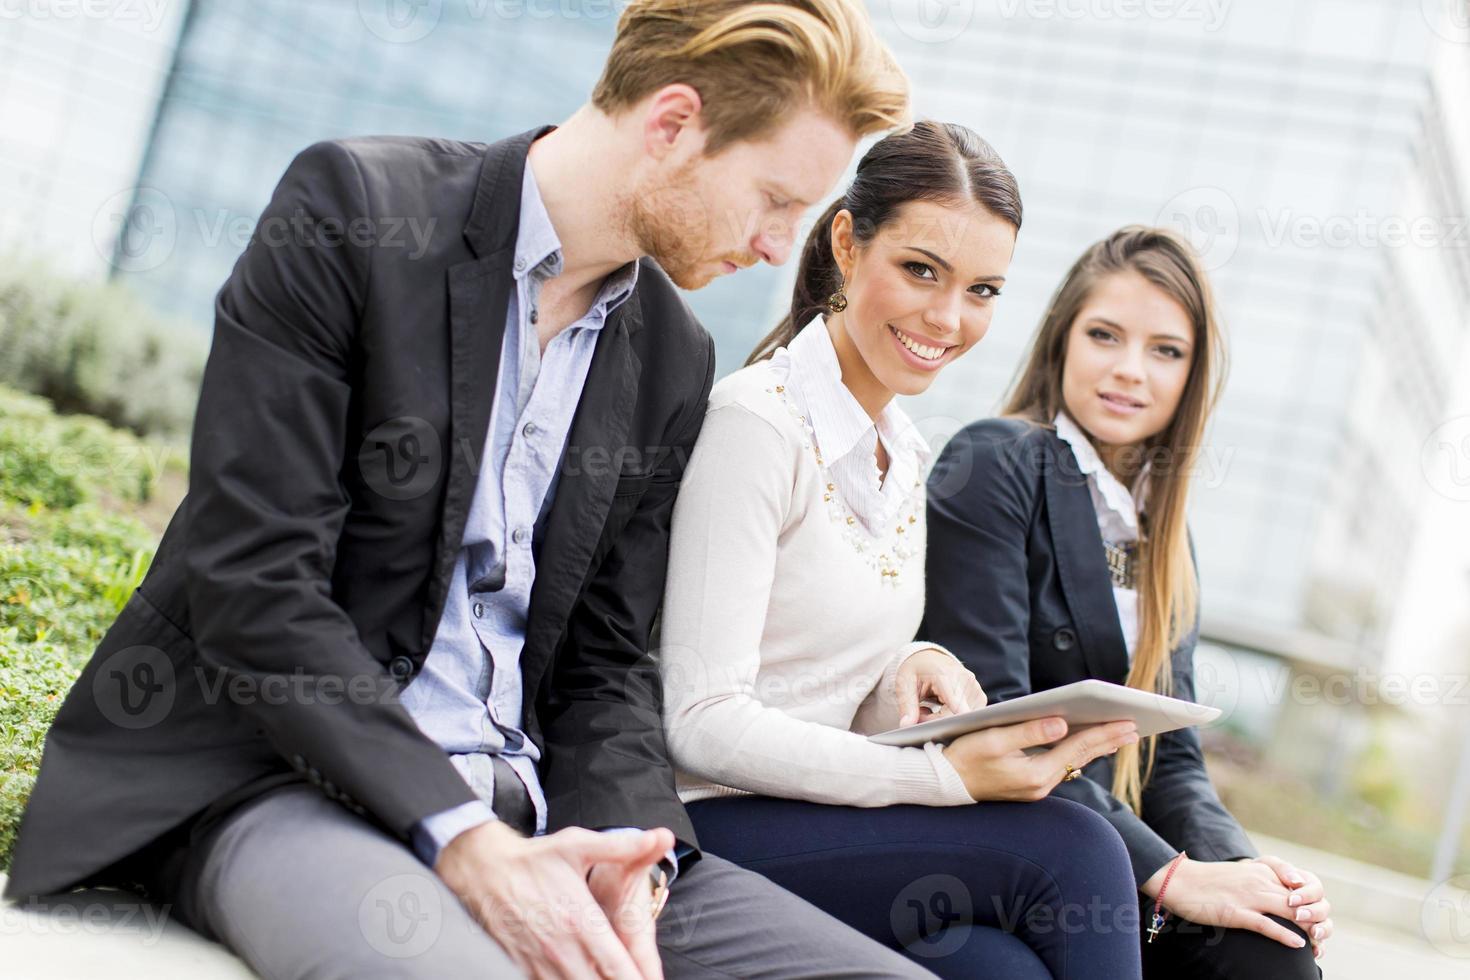 giovani imprenditori all'aperto foto